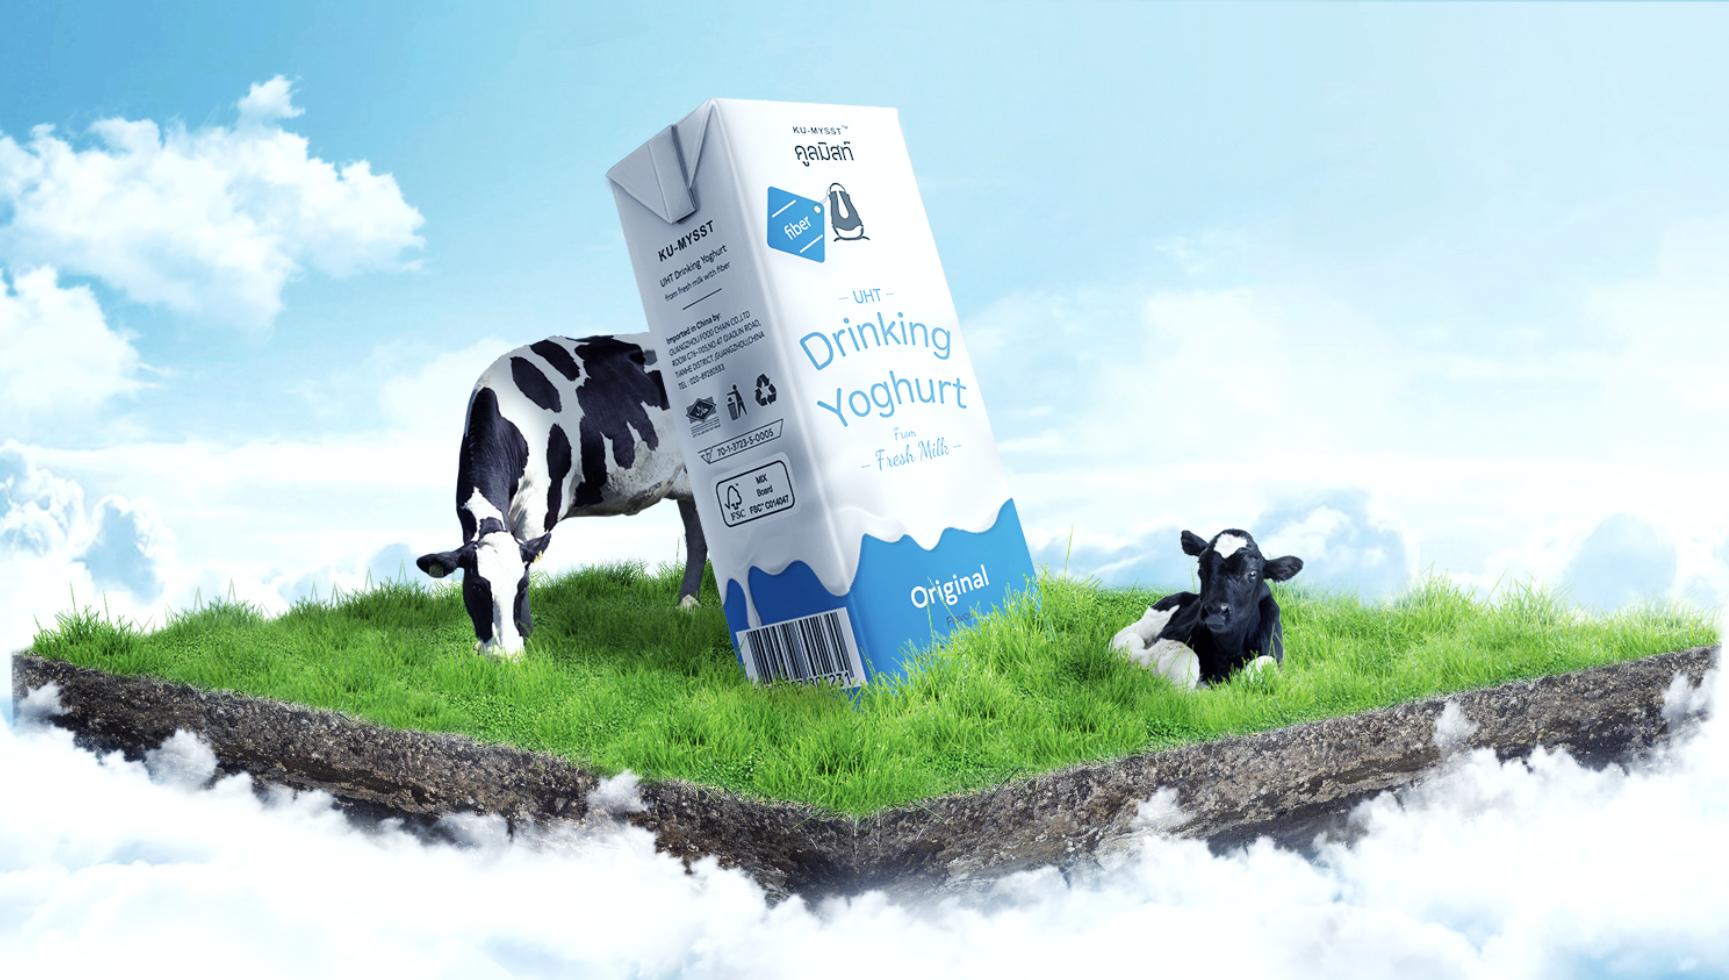 两千亿酸奶市场竞争升级,泰国渴麦师KU-MYSST零添加酸奶进驻中国市场